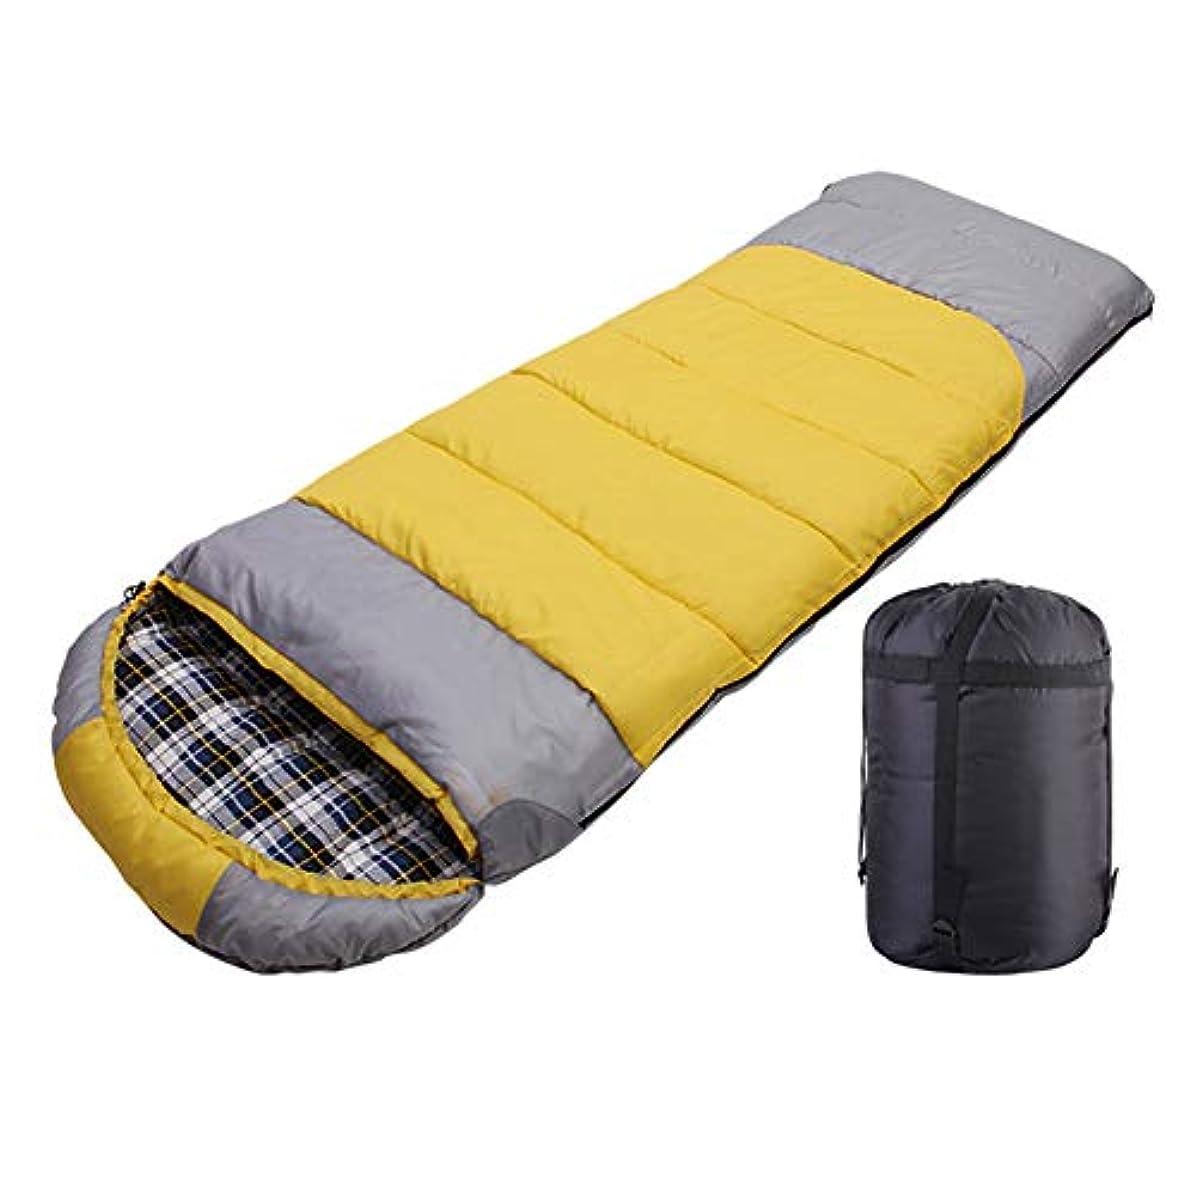 教バングファイバアウトドア大人の寝袋、圧縮バッグ旅行で四季厚い暖かい屋内キャンプのランチブレイク汚い光と防水